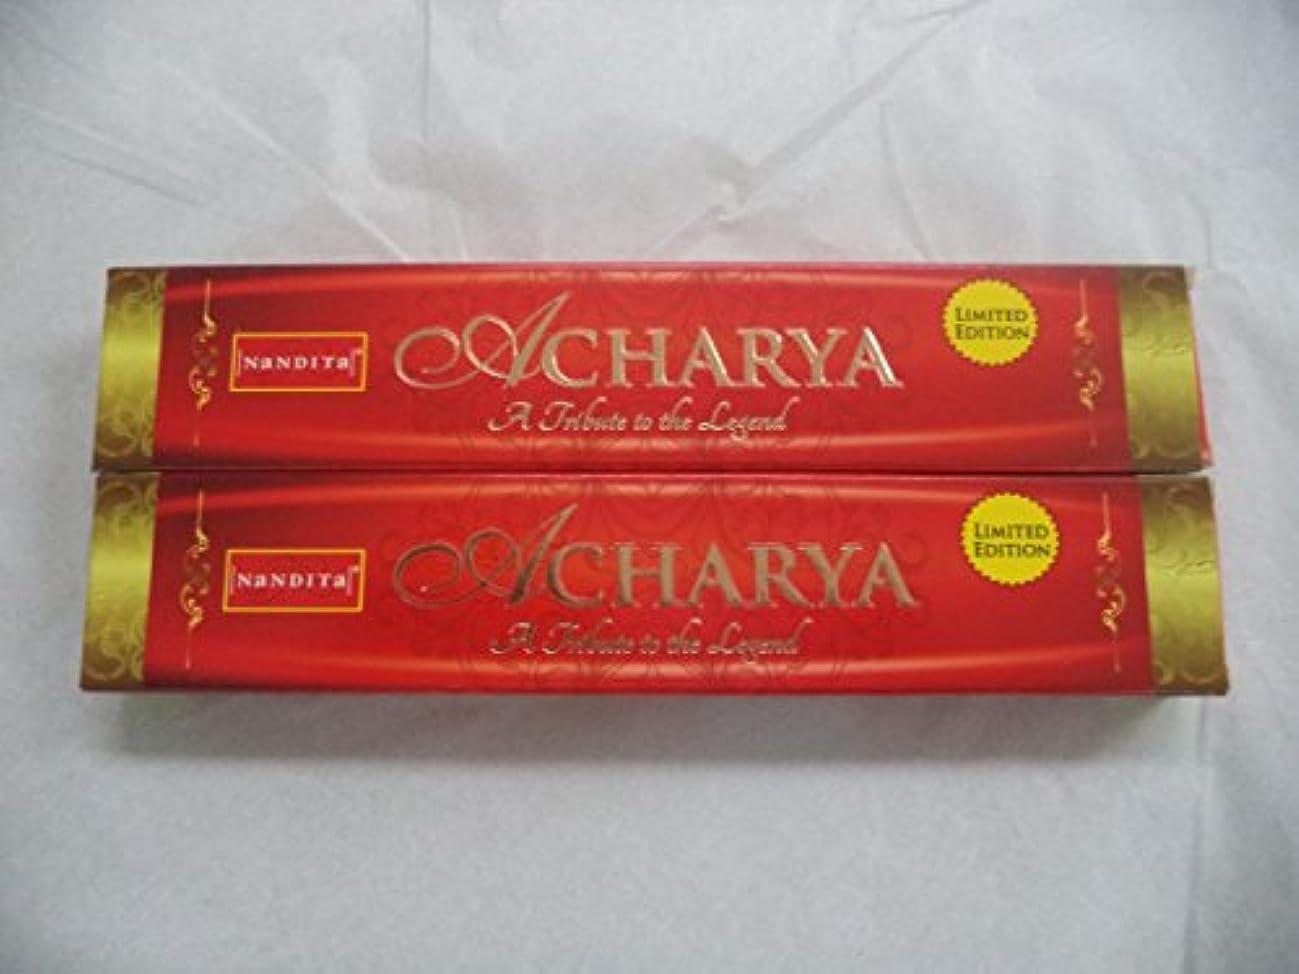 抽象化天才使用法Nandita Acharya自然有機Incense Sticks : 2 x 15グラムボックス